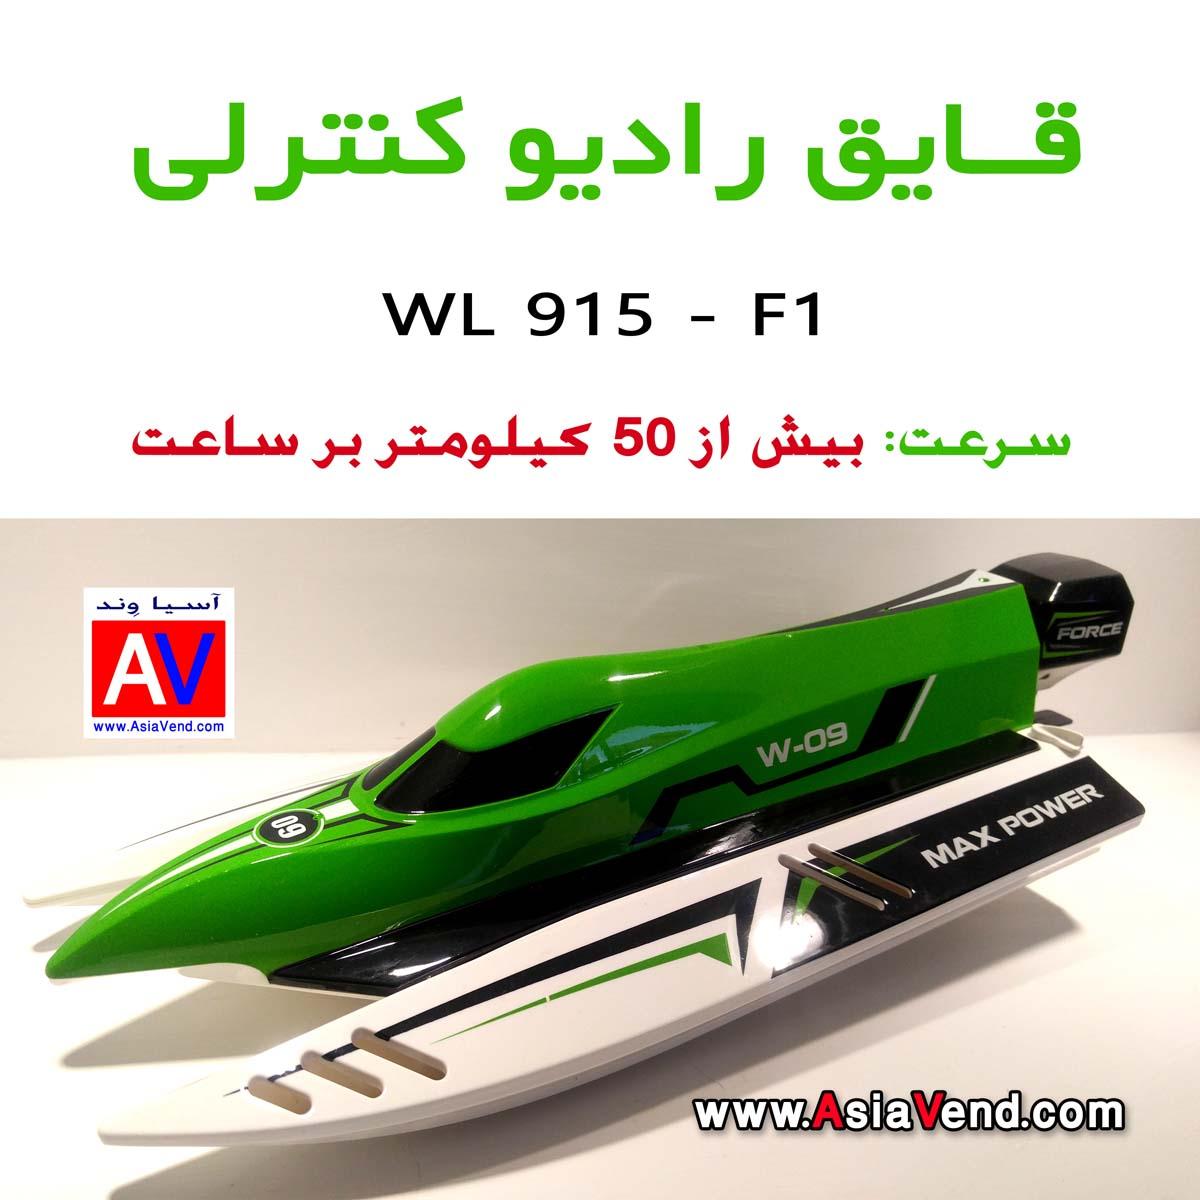 قایق فوق سریع جت آرسی کنترلی فروشگاه قایق کنترلی WL 915